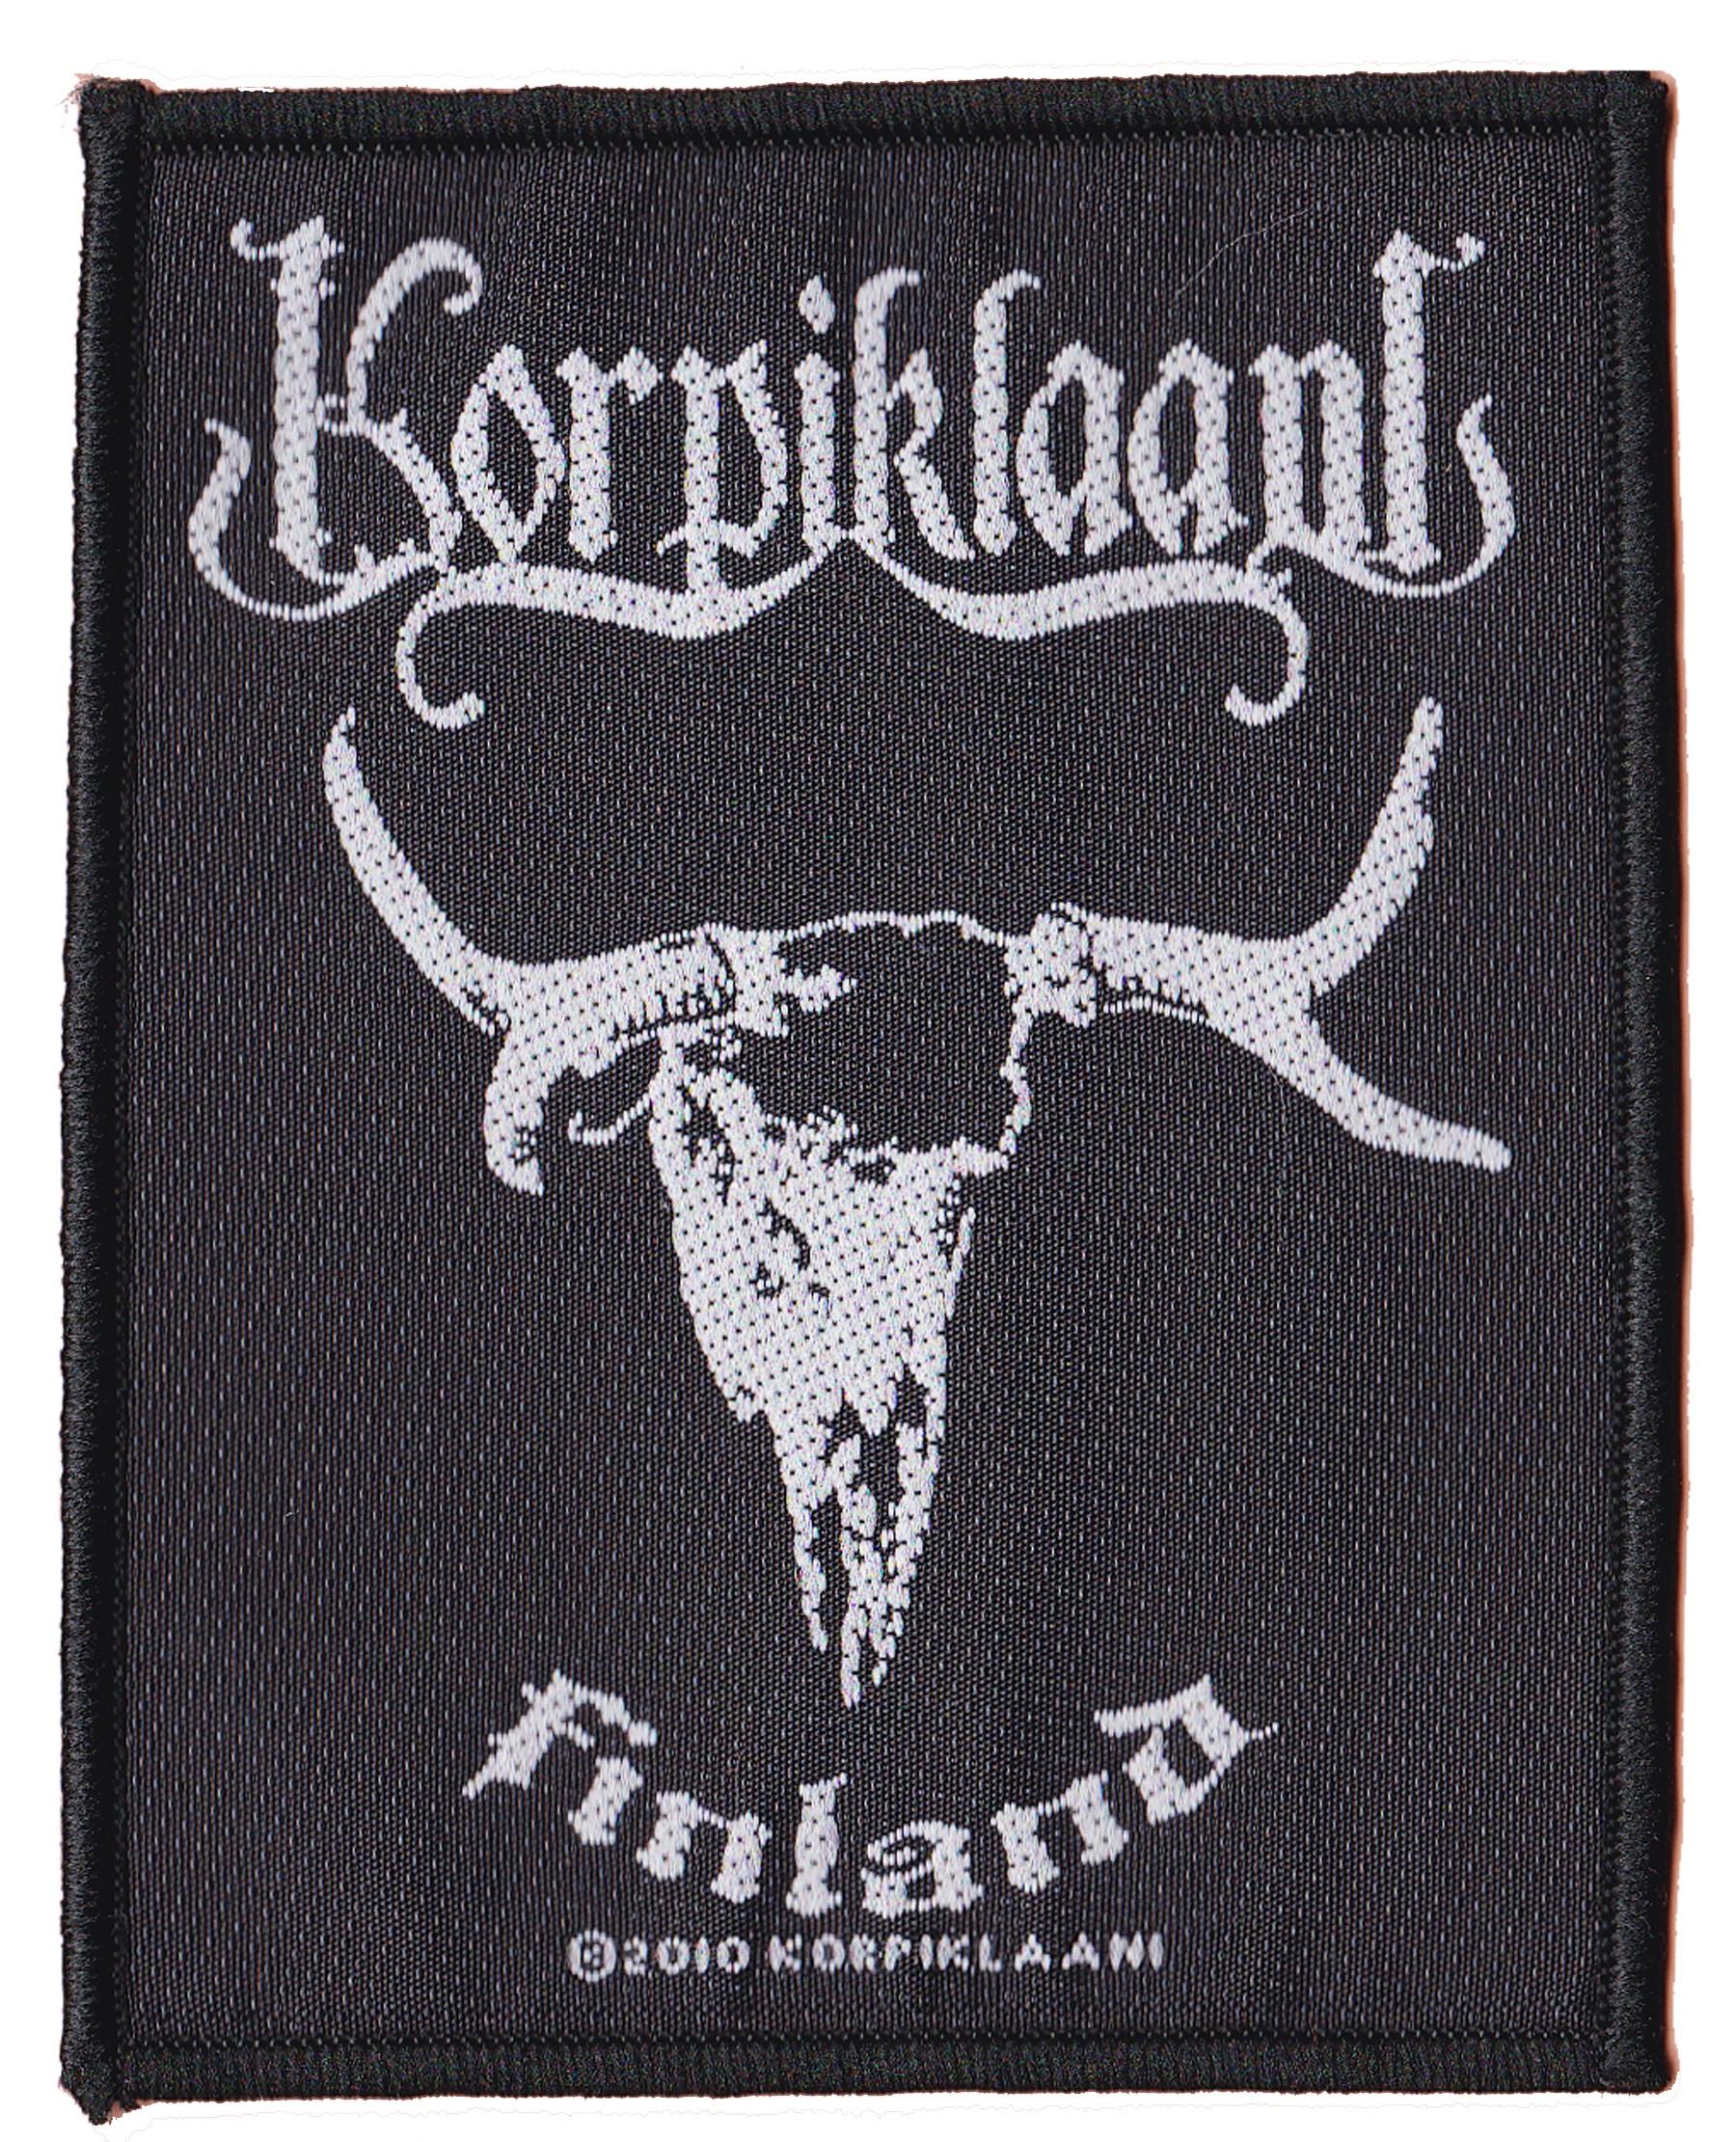 Korpiklaani Finland patche officiel patch /écusson sous license